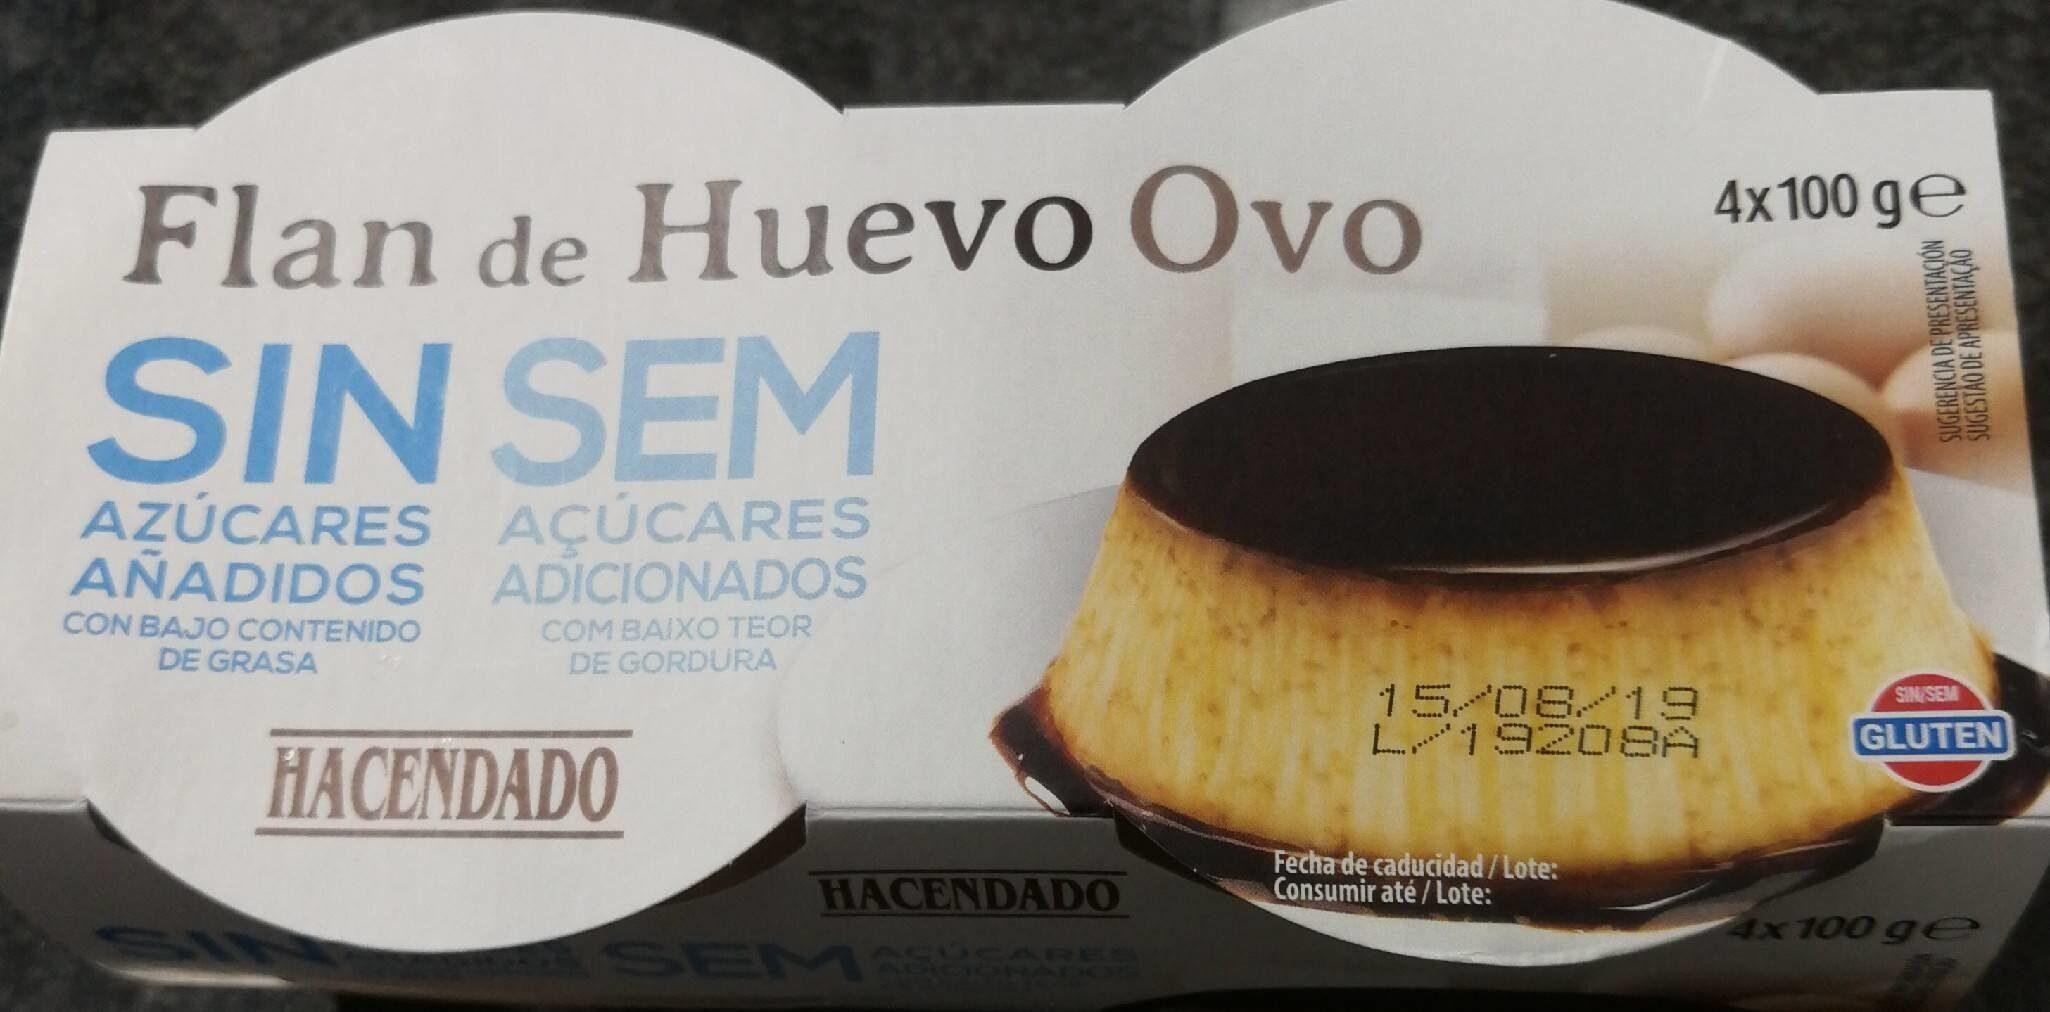 Flan de huevo sin azucares - Producto - es